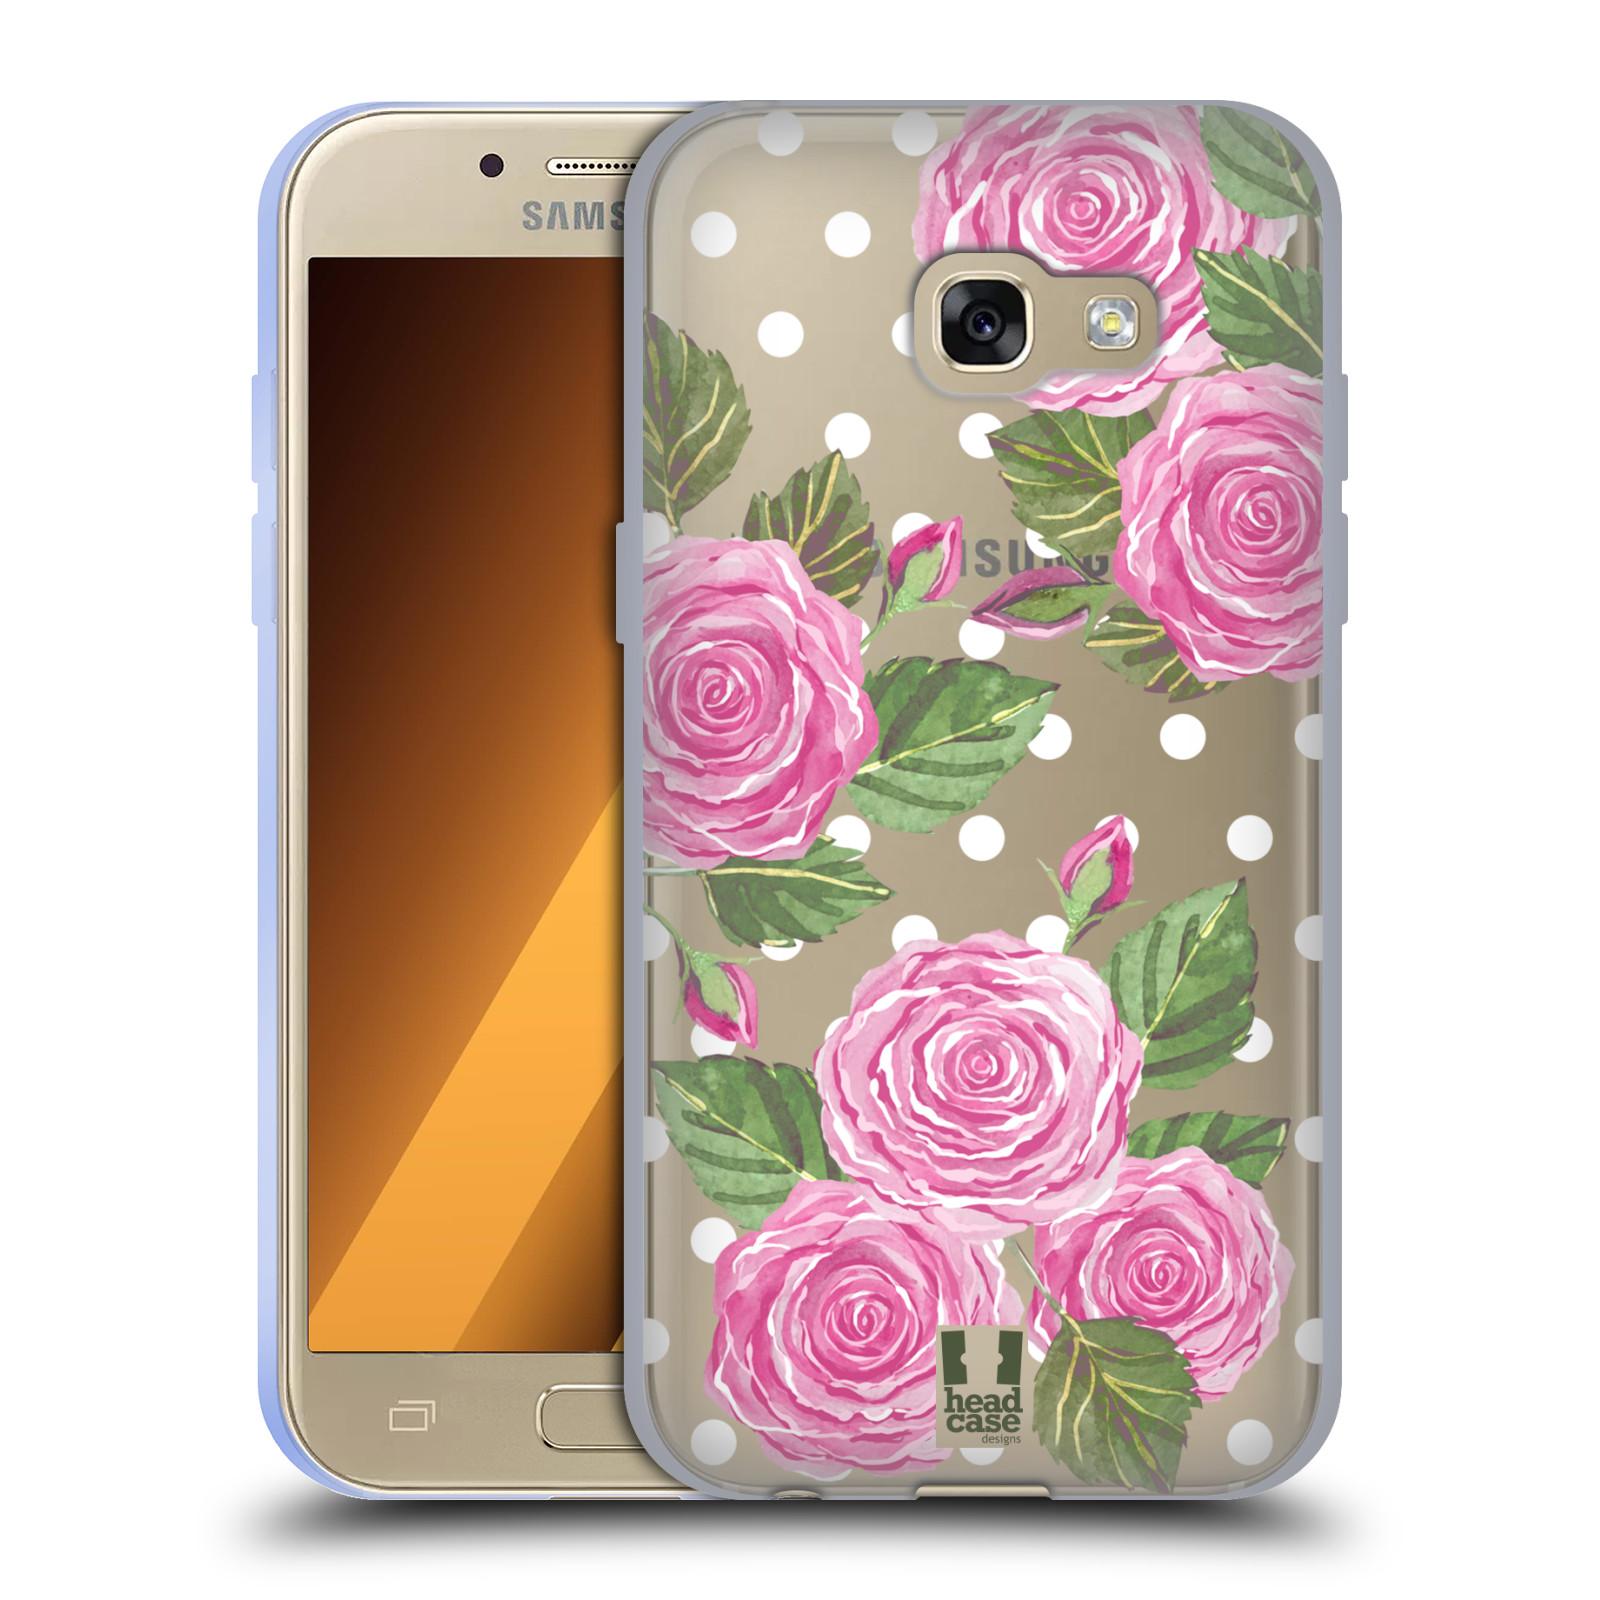 Silikonové pouzdro na mobil Samsung Galaxy A3 (2017) - Head Case - Hezoučké růžičky - průhledné